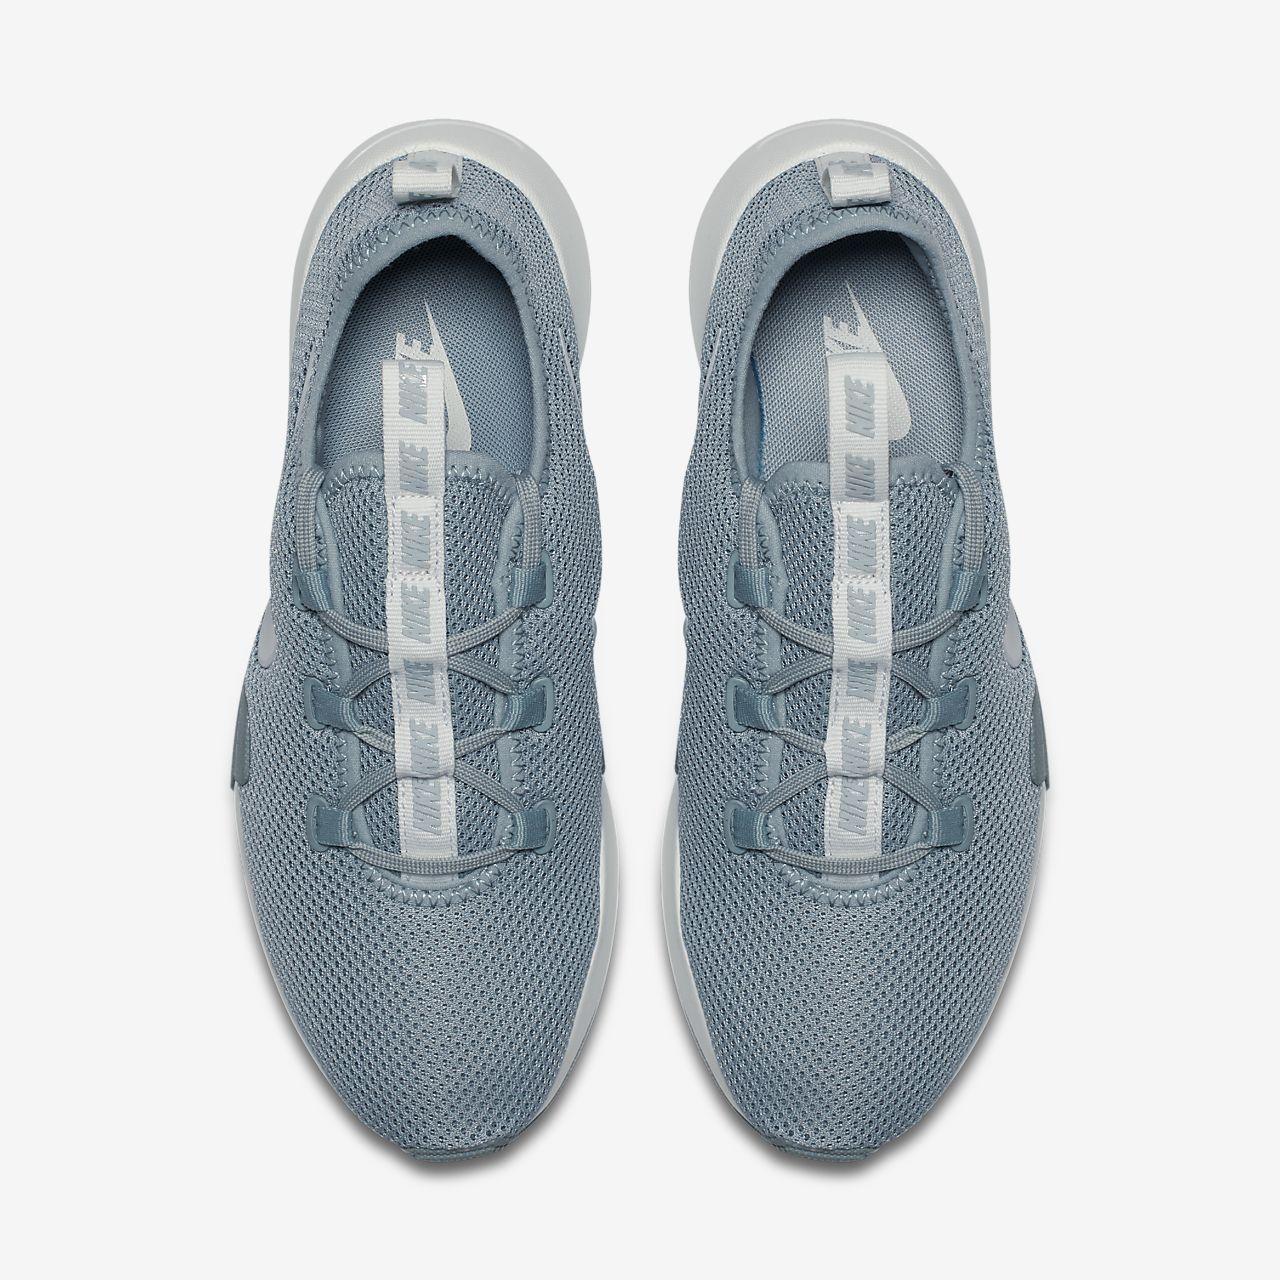 27283a616c280 Nike Ashin Modern Run Women s Shoe. Nike.com